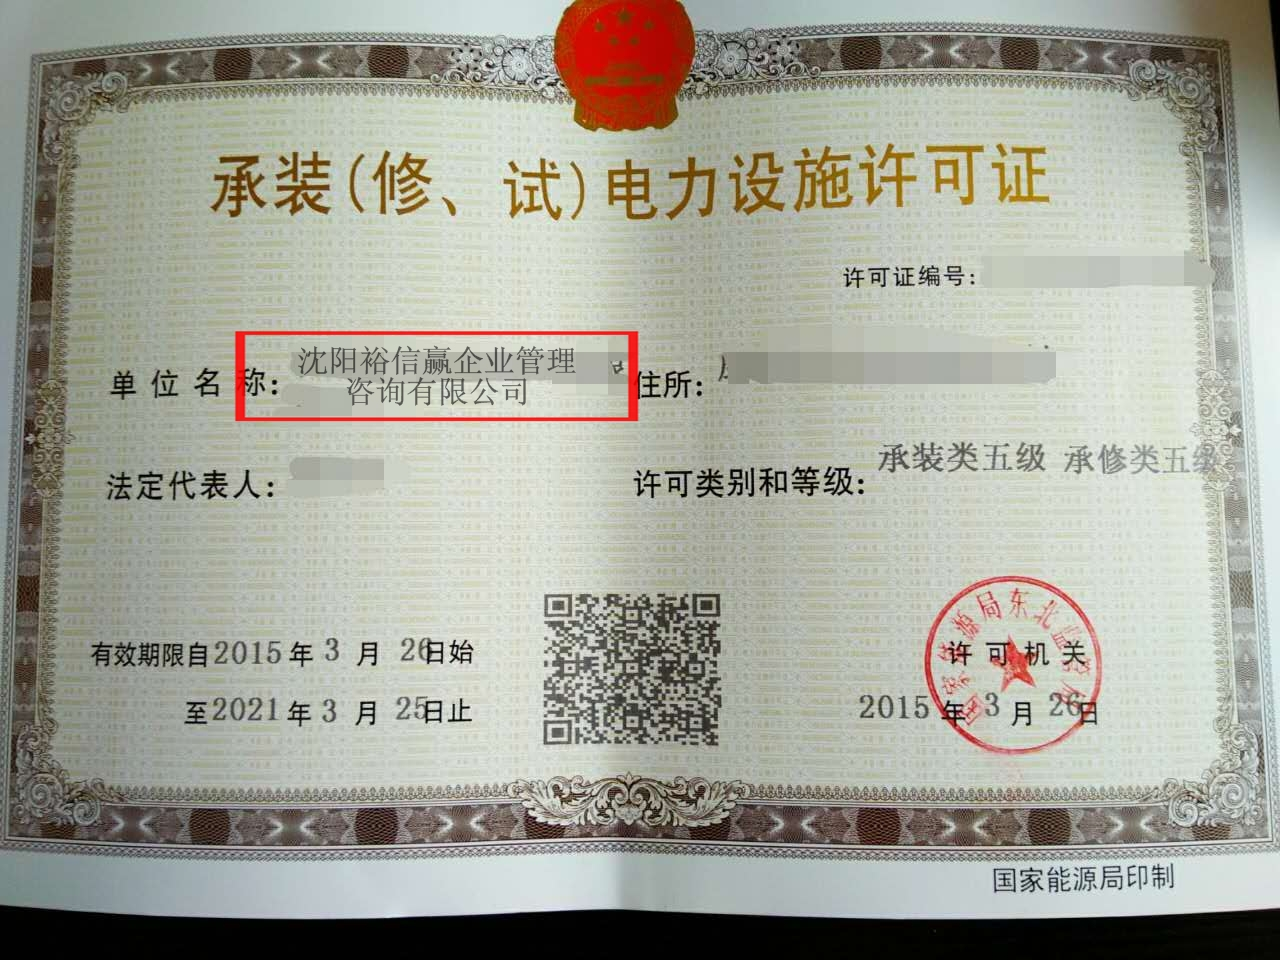 【办理辽宁省及内蒙古地区承装承修电力许可证